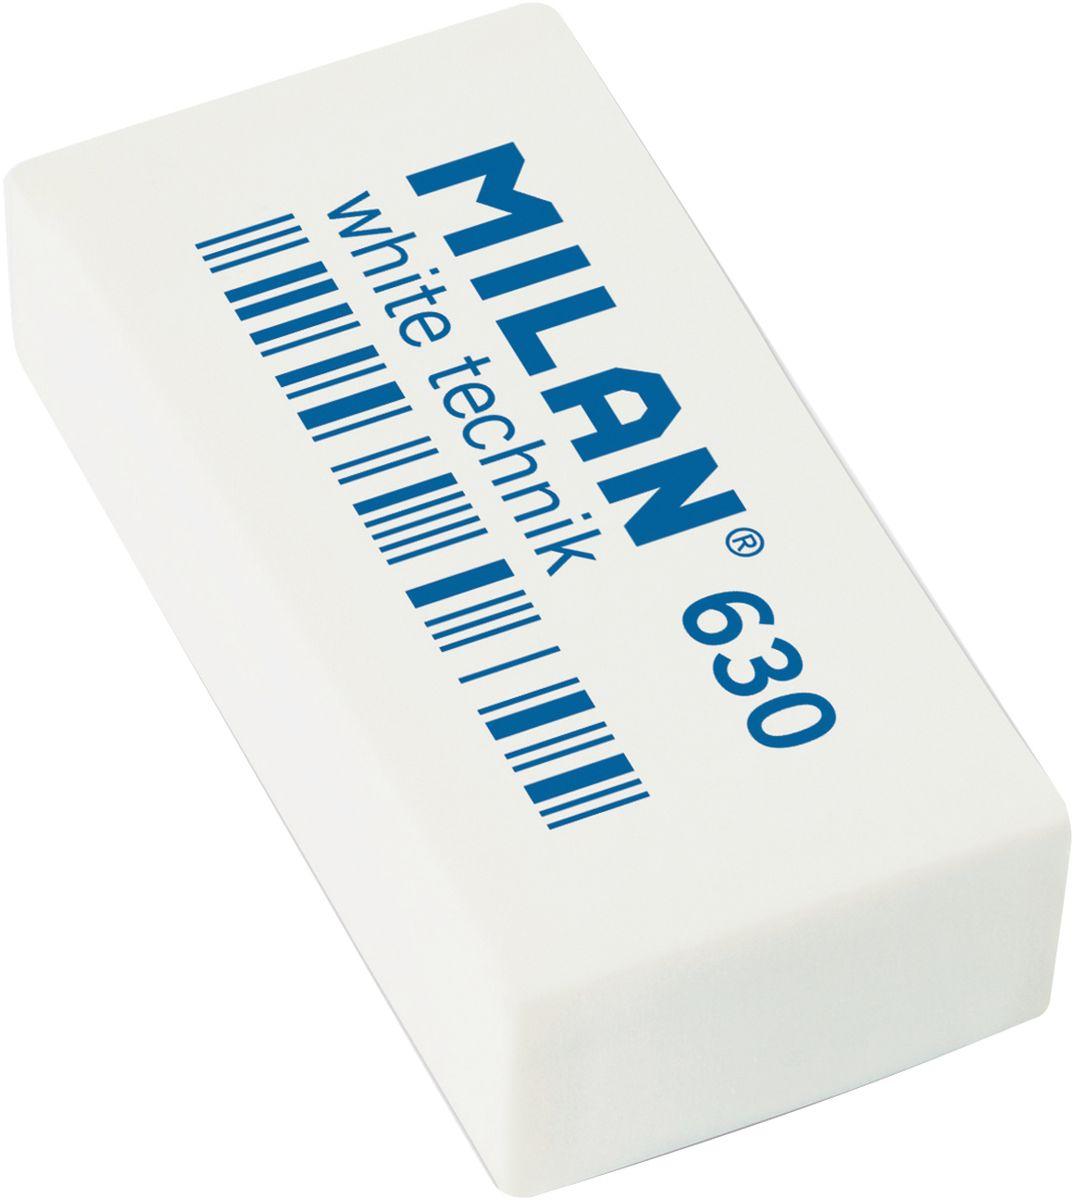 Milan Ластик White Technic 630 прямоугольныйCPM630Ластик Milan White Technic 630 - это прекрасный синтетический ластик для цветных и чернографитных карандашей.